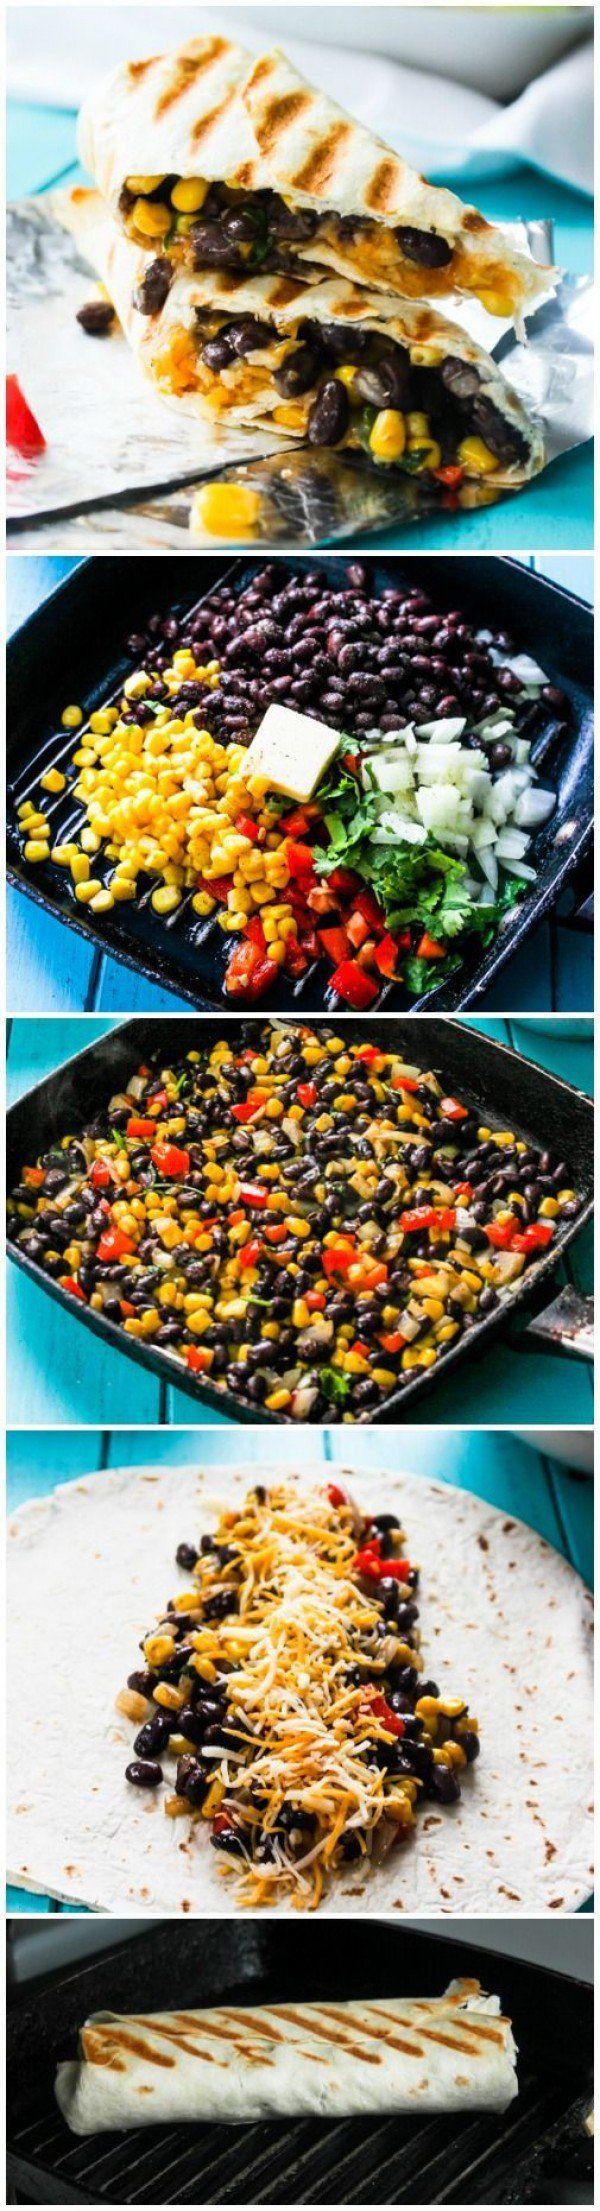 Conseguir la receta ♥ Crujiente Negro Bean y Burritos de Arroz @recipes_to_go